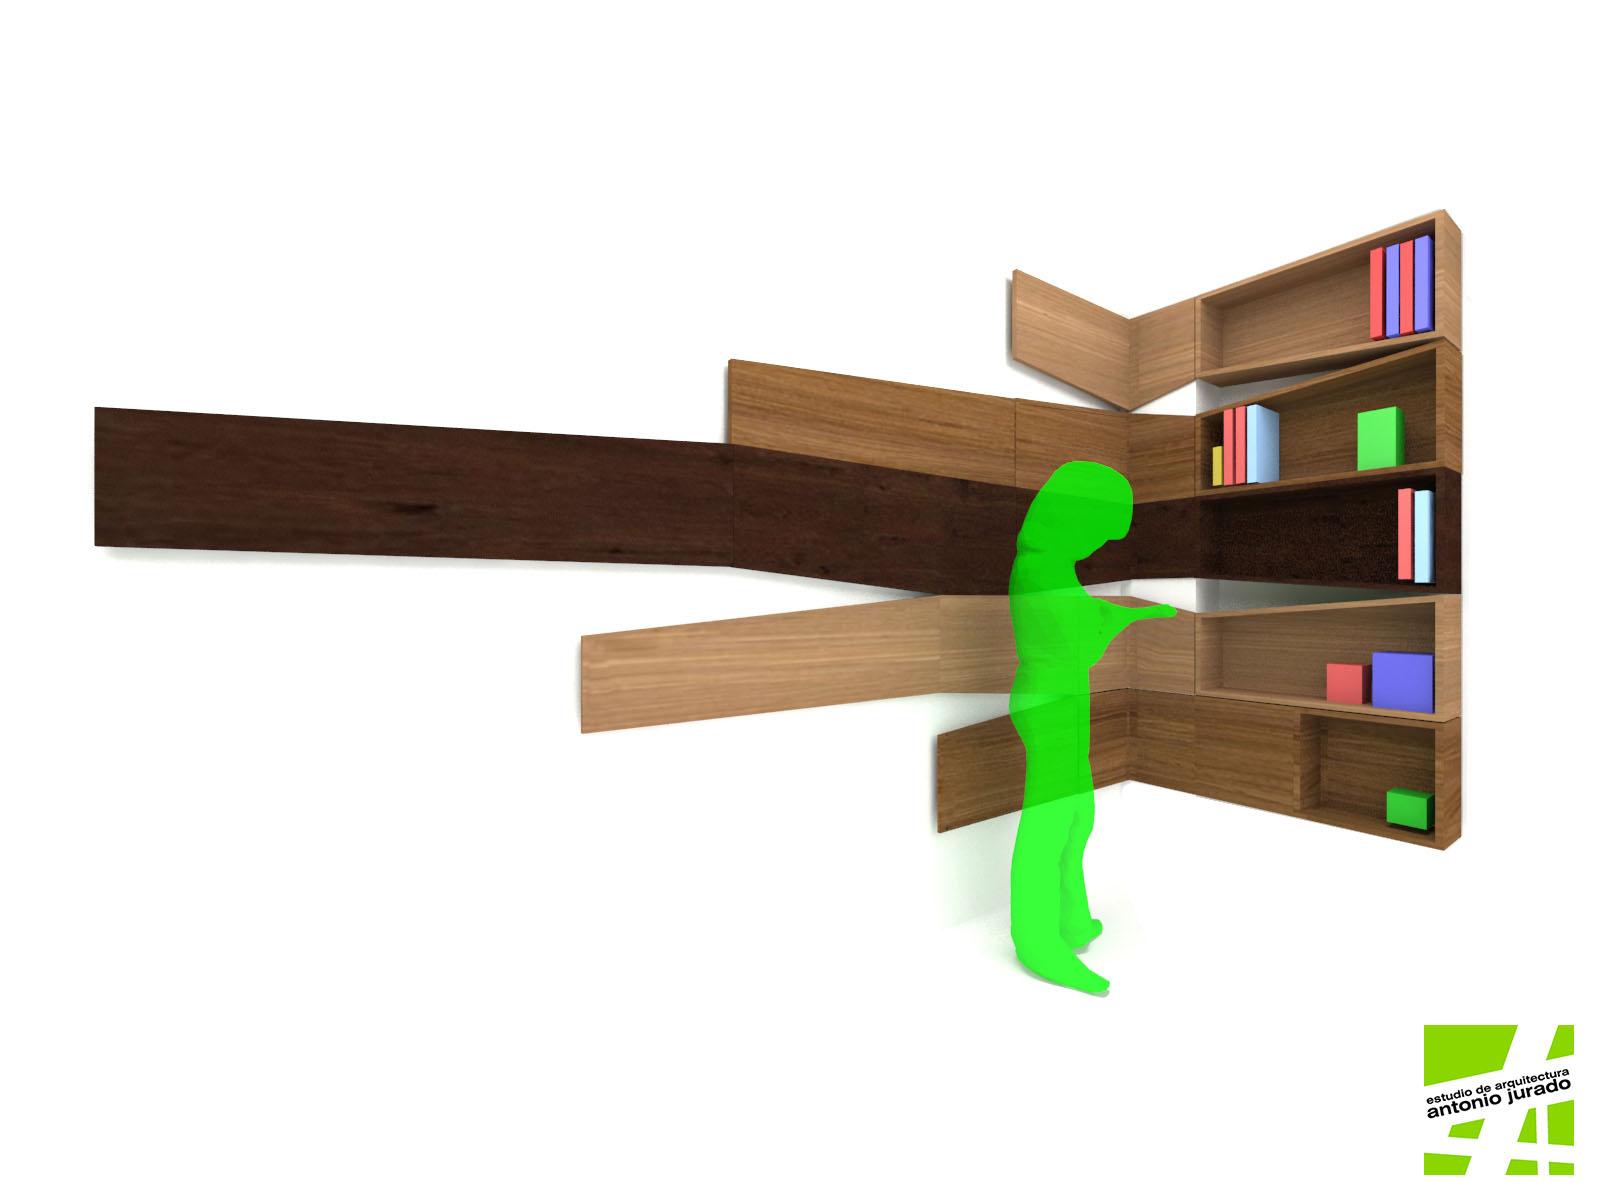 diseño de mobiliario estanteria estudio de arquitectura interiorismo arquitectos antonio jurado malaga